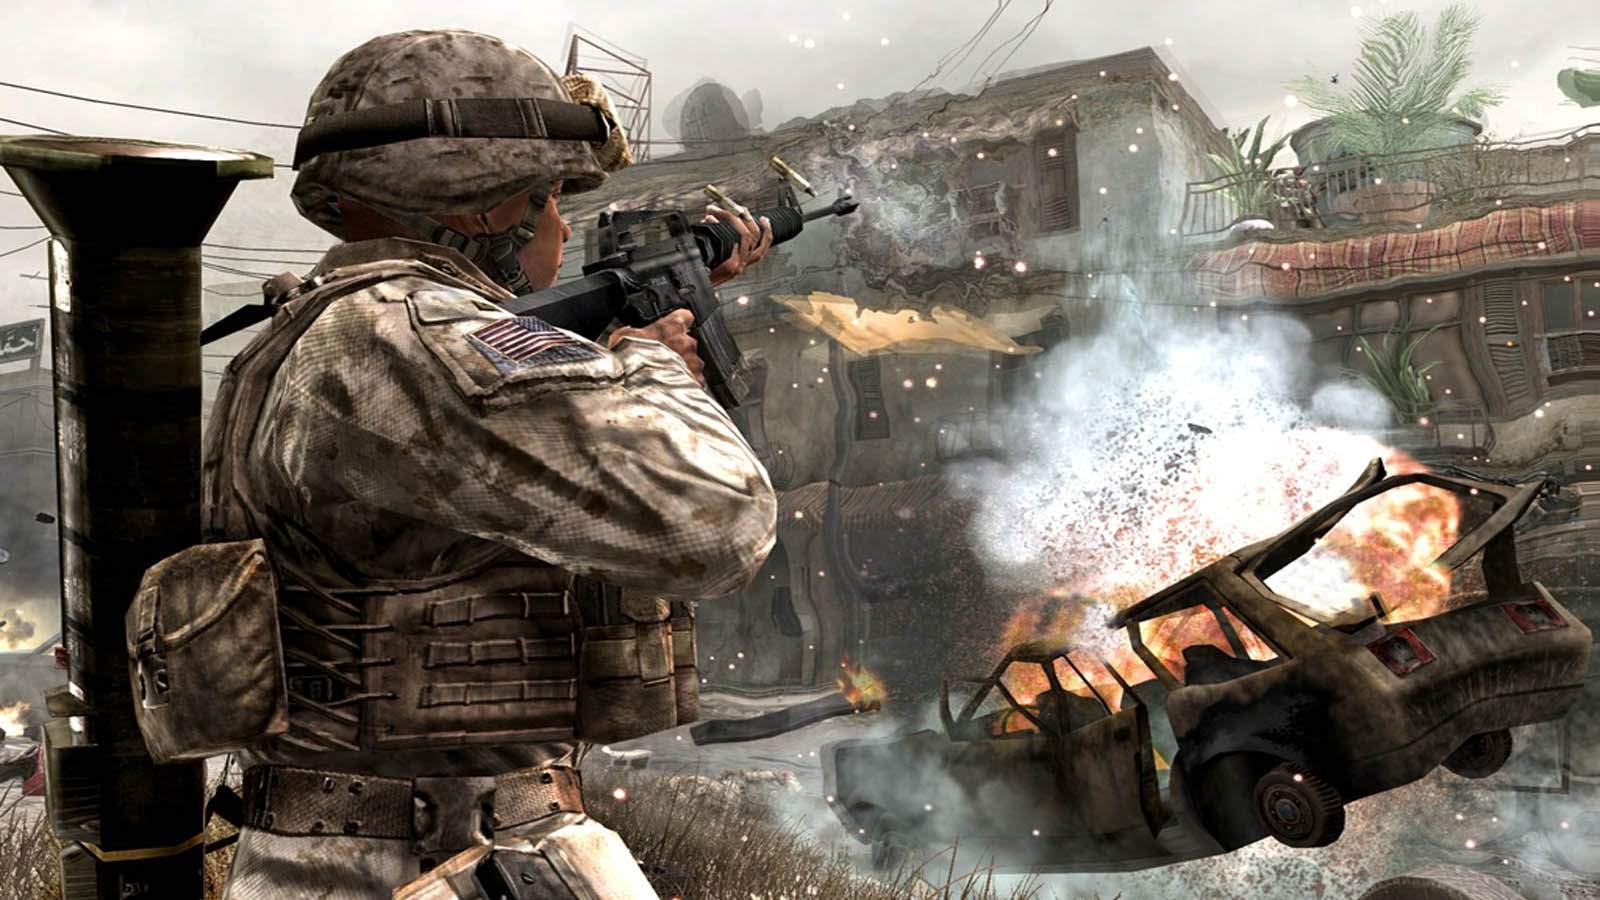 تحميل لعبة Call Of Duty 4 Modern Warfare 1 مضغوطة كاملة بروابط مباشرة مجانا